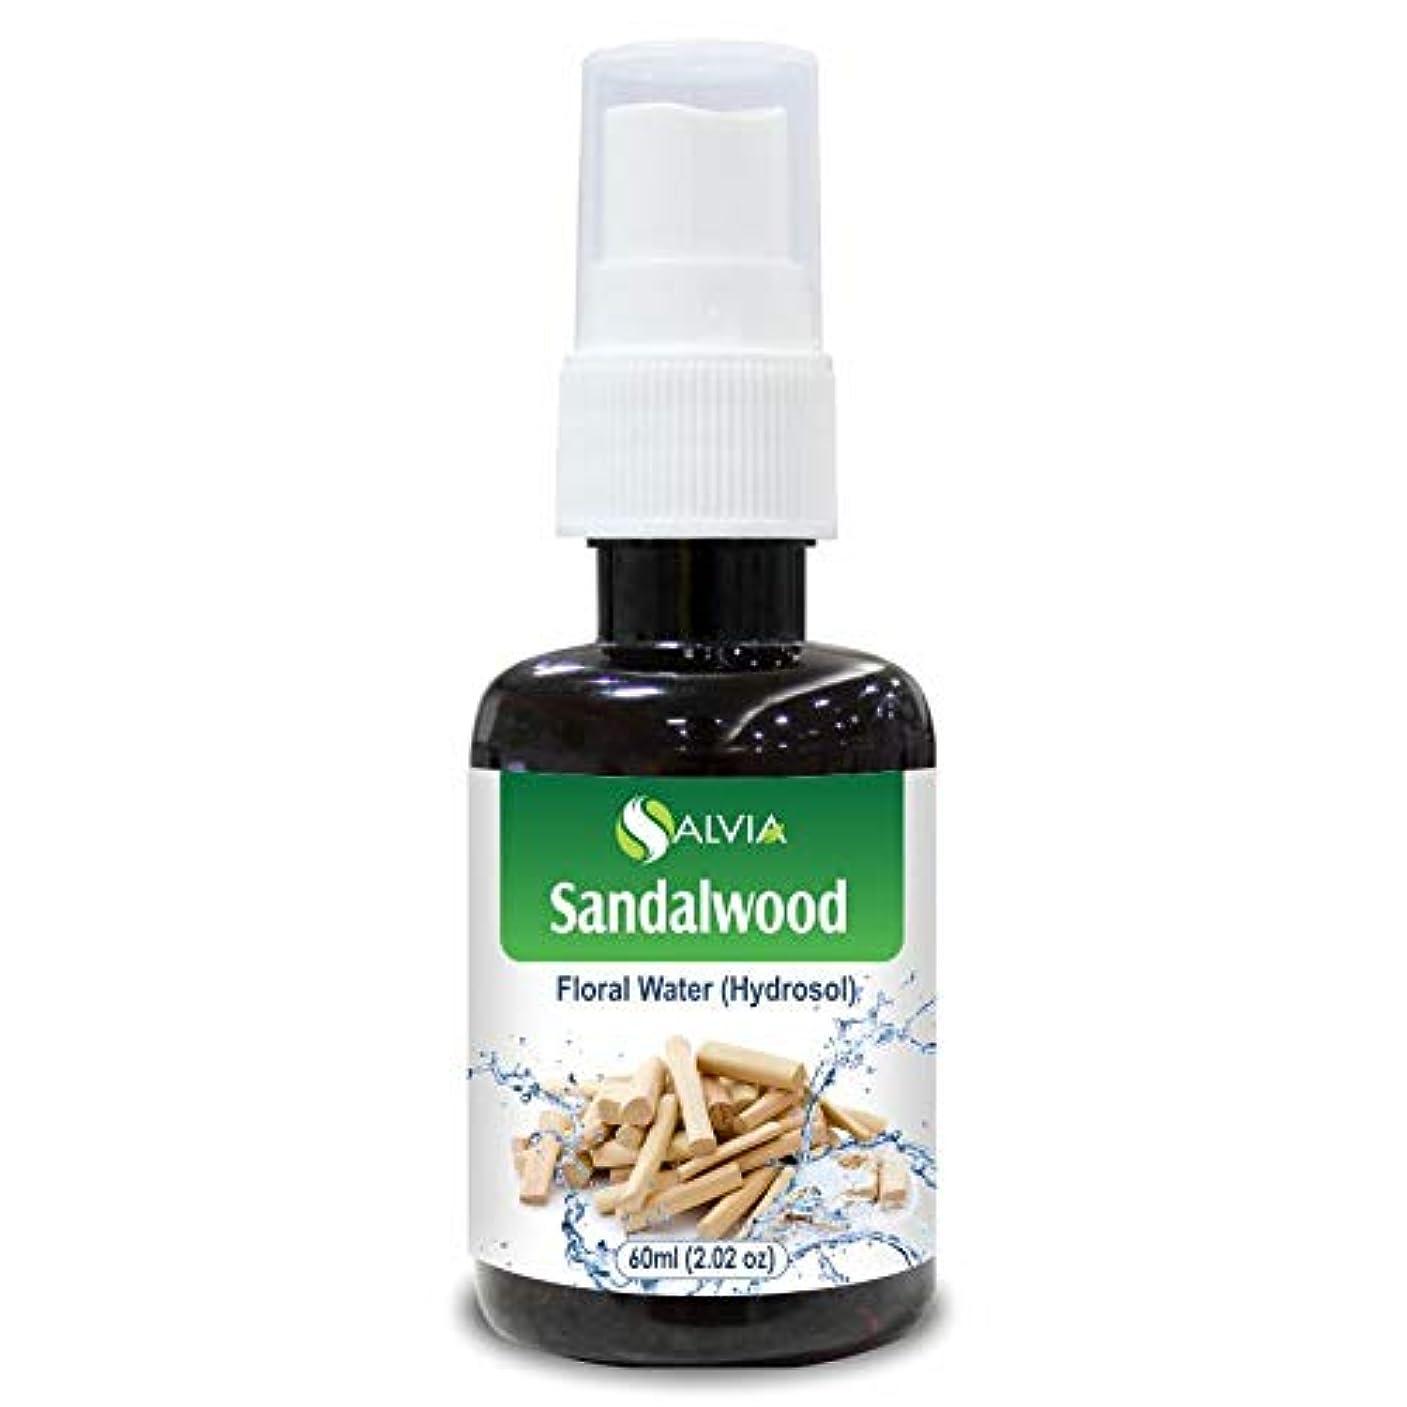 参加者パークアカデミーSandalwood Floral Water 60ml (Hydrosol) 100% Pure And Natural